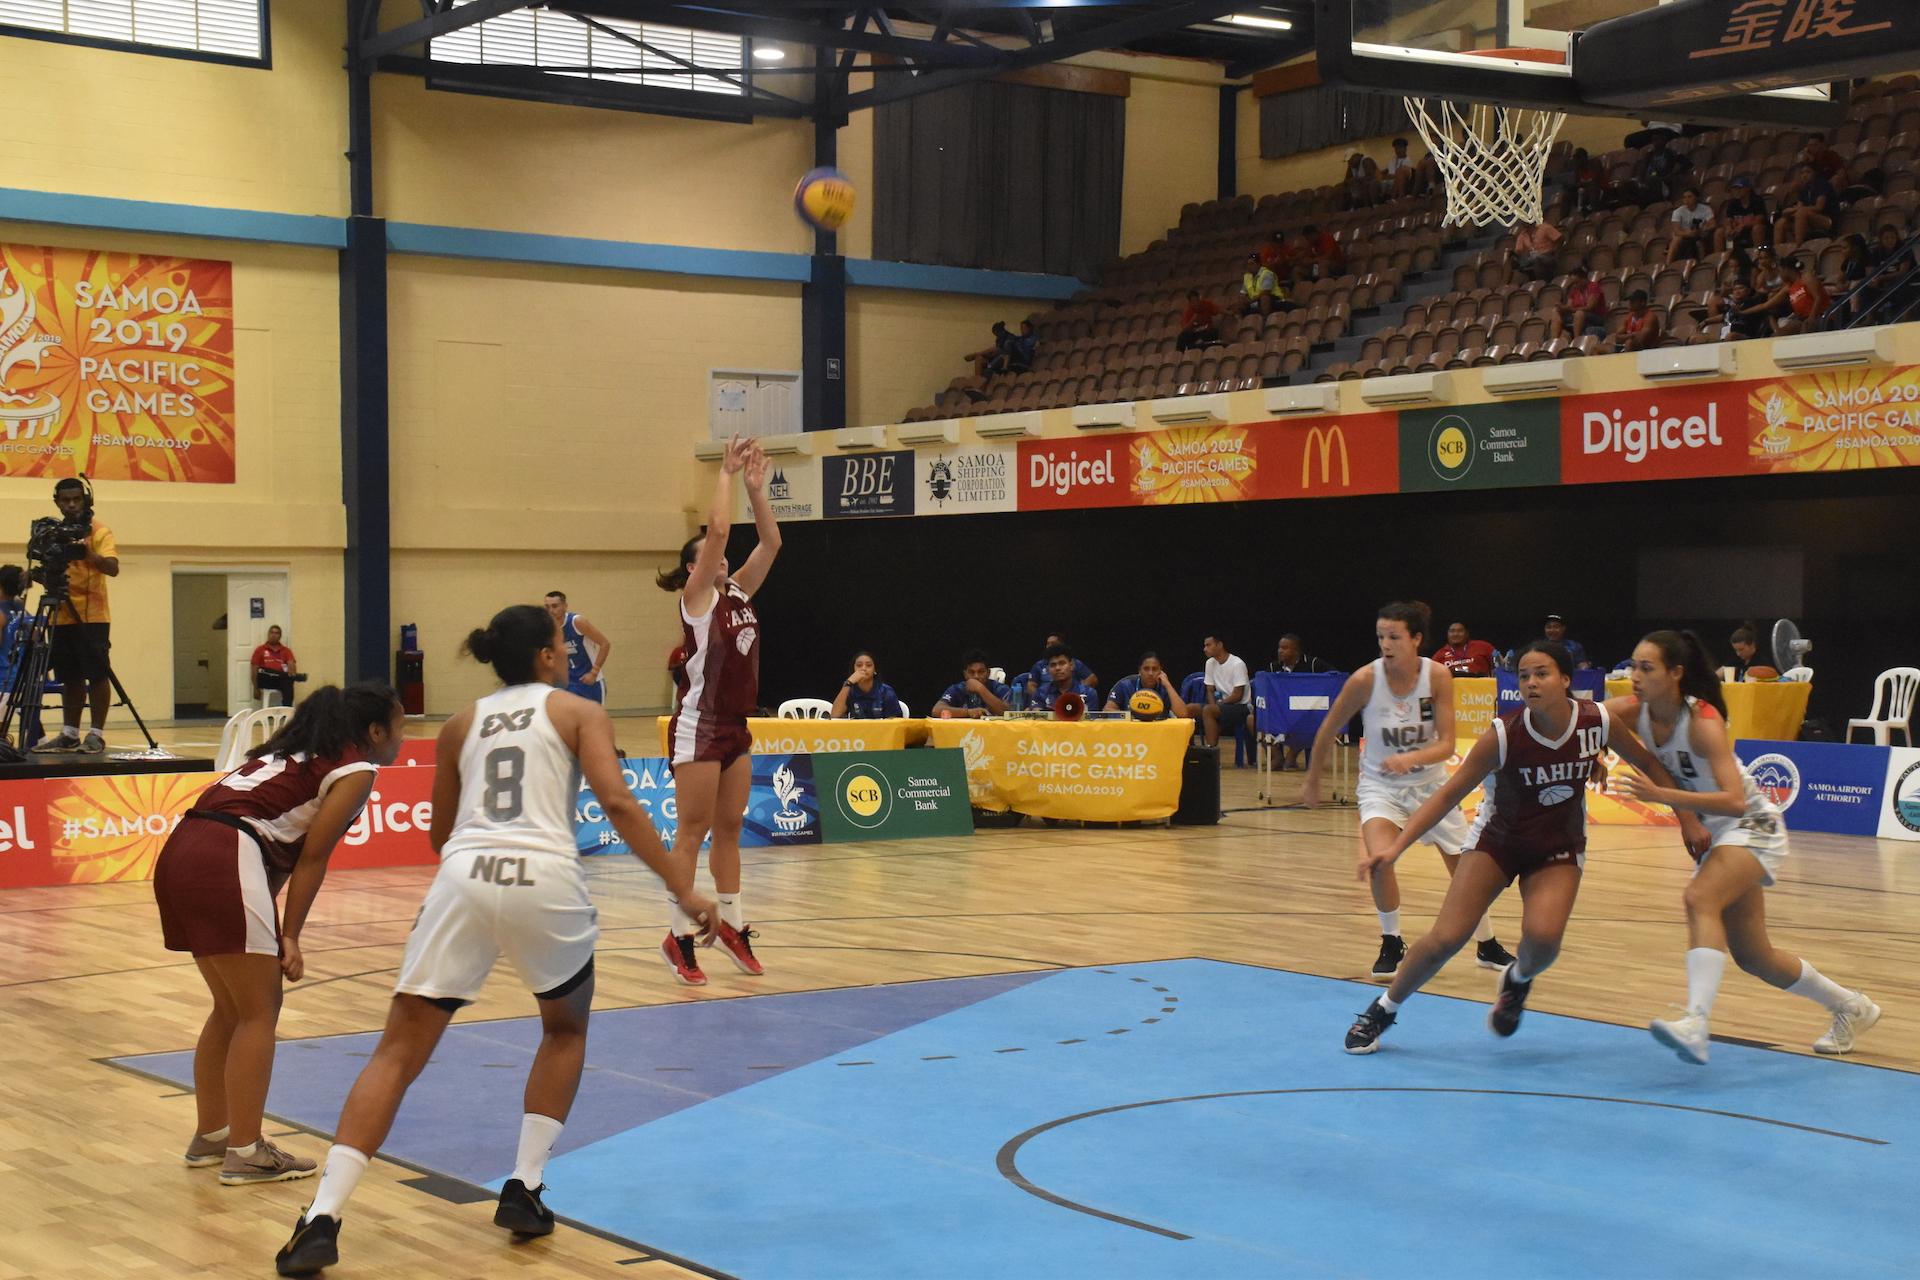 Dans le match pour la 3e place les Tahitiennes ont dominé les Calédoniennes sur le score de 16-8.